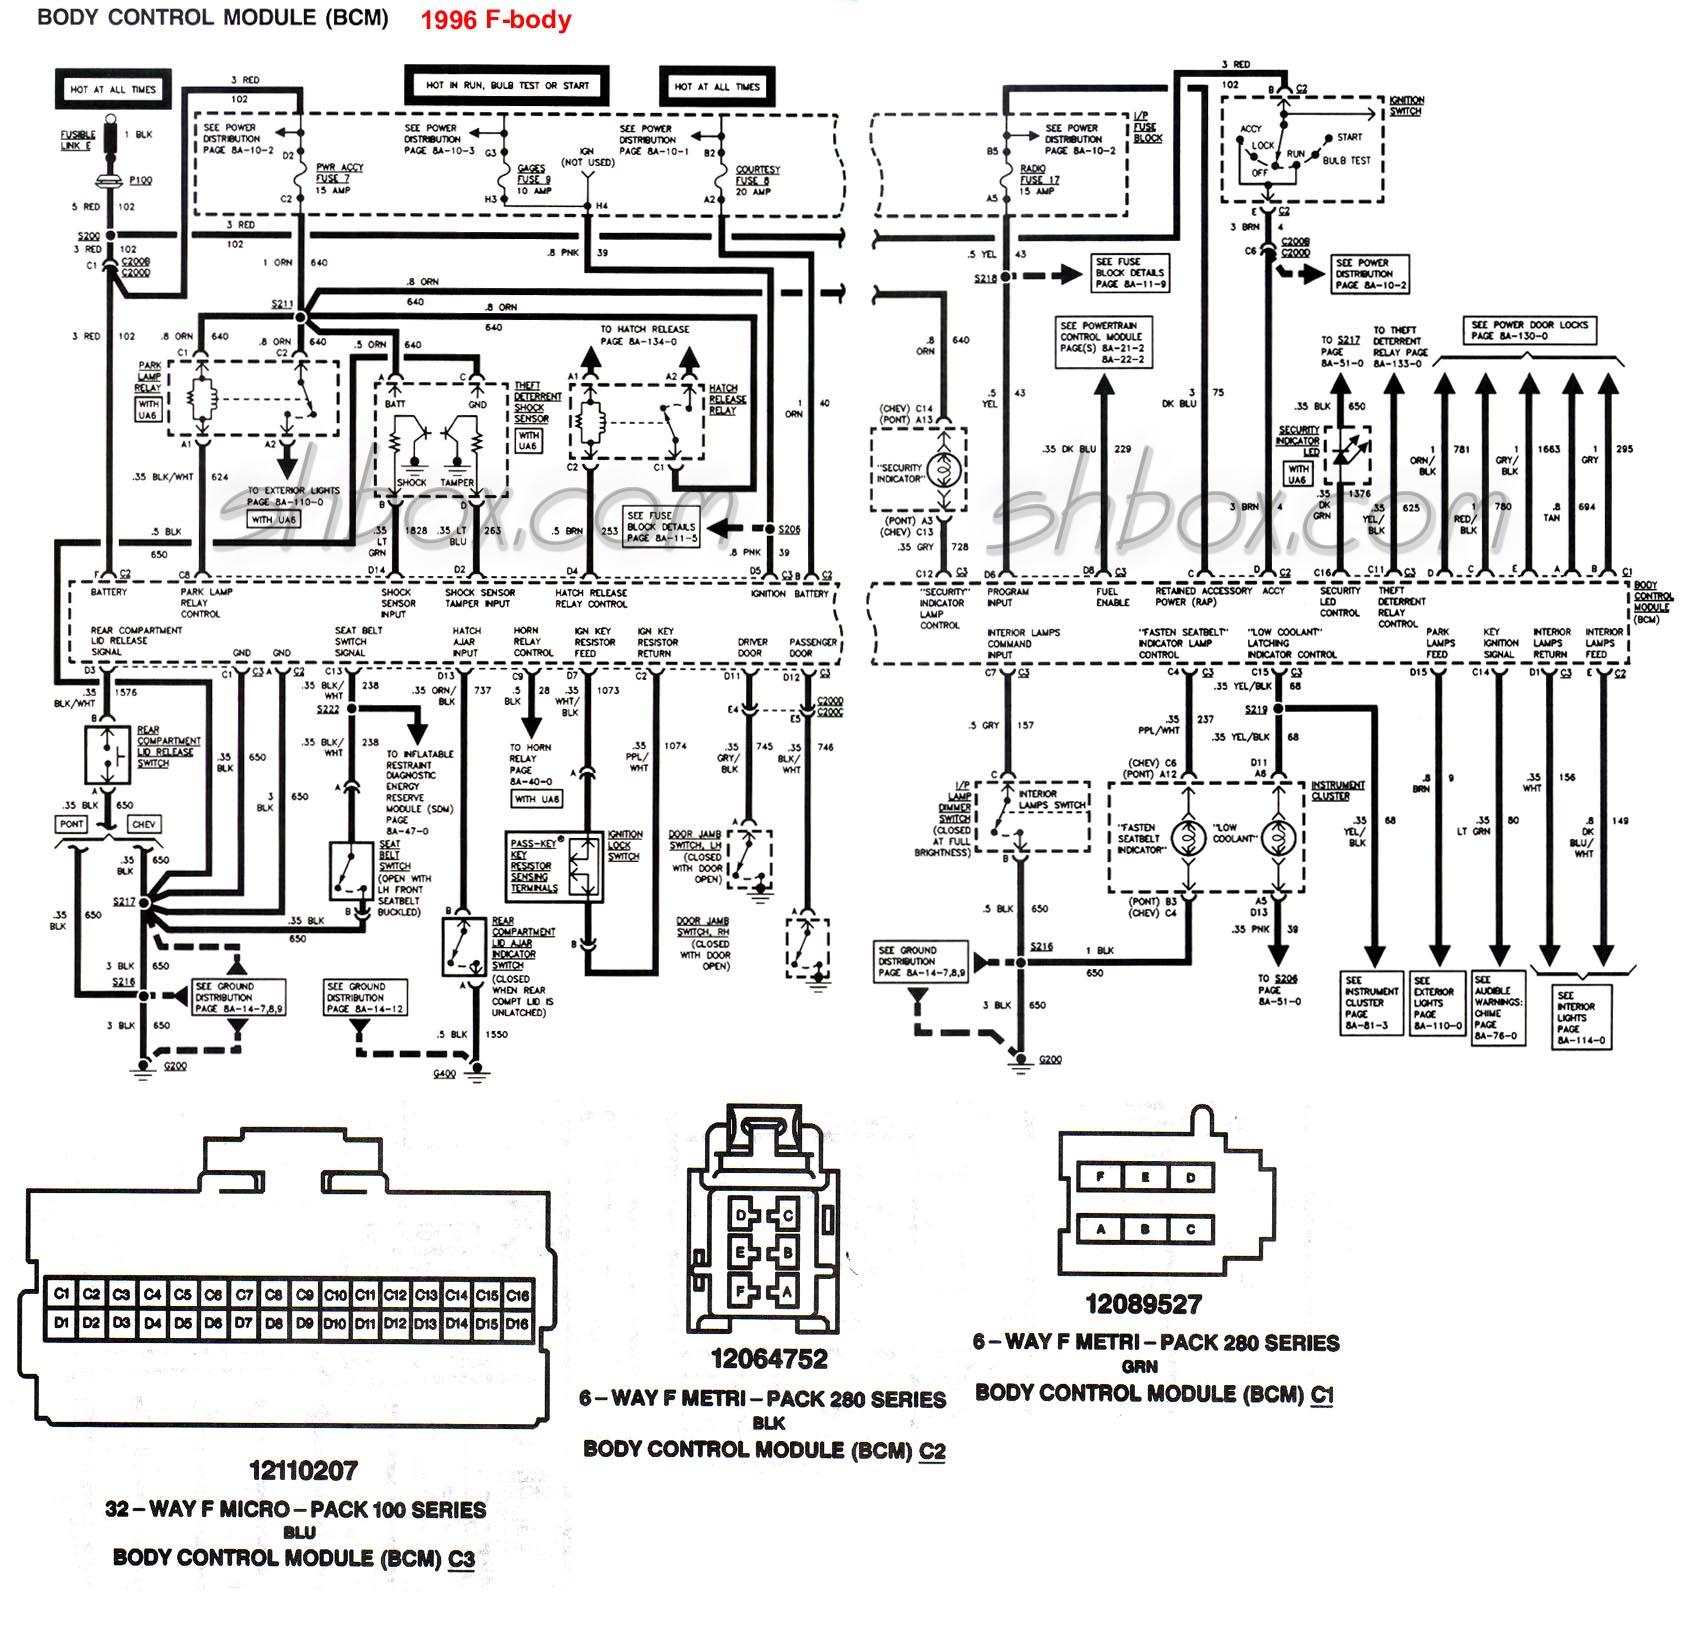 1998 Chevy Lumina Fuse Box Diagram